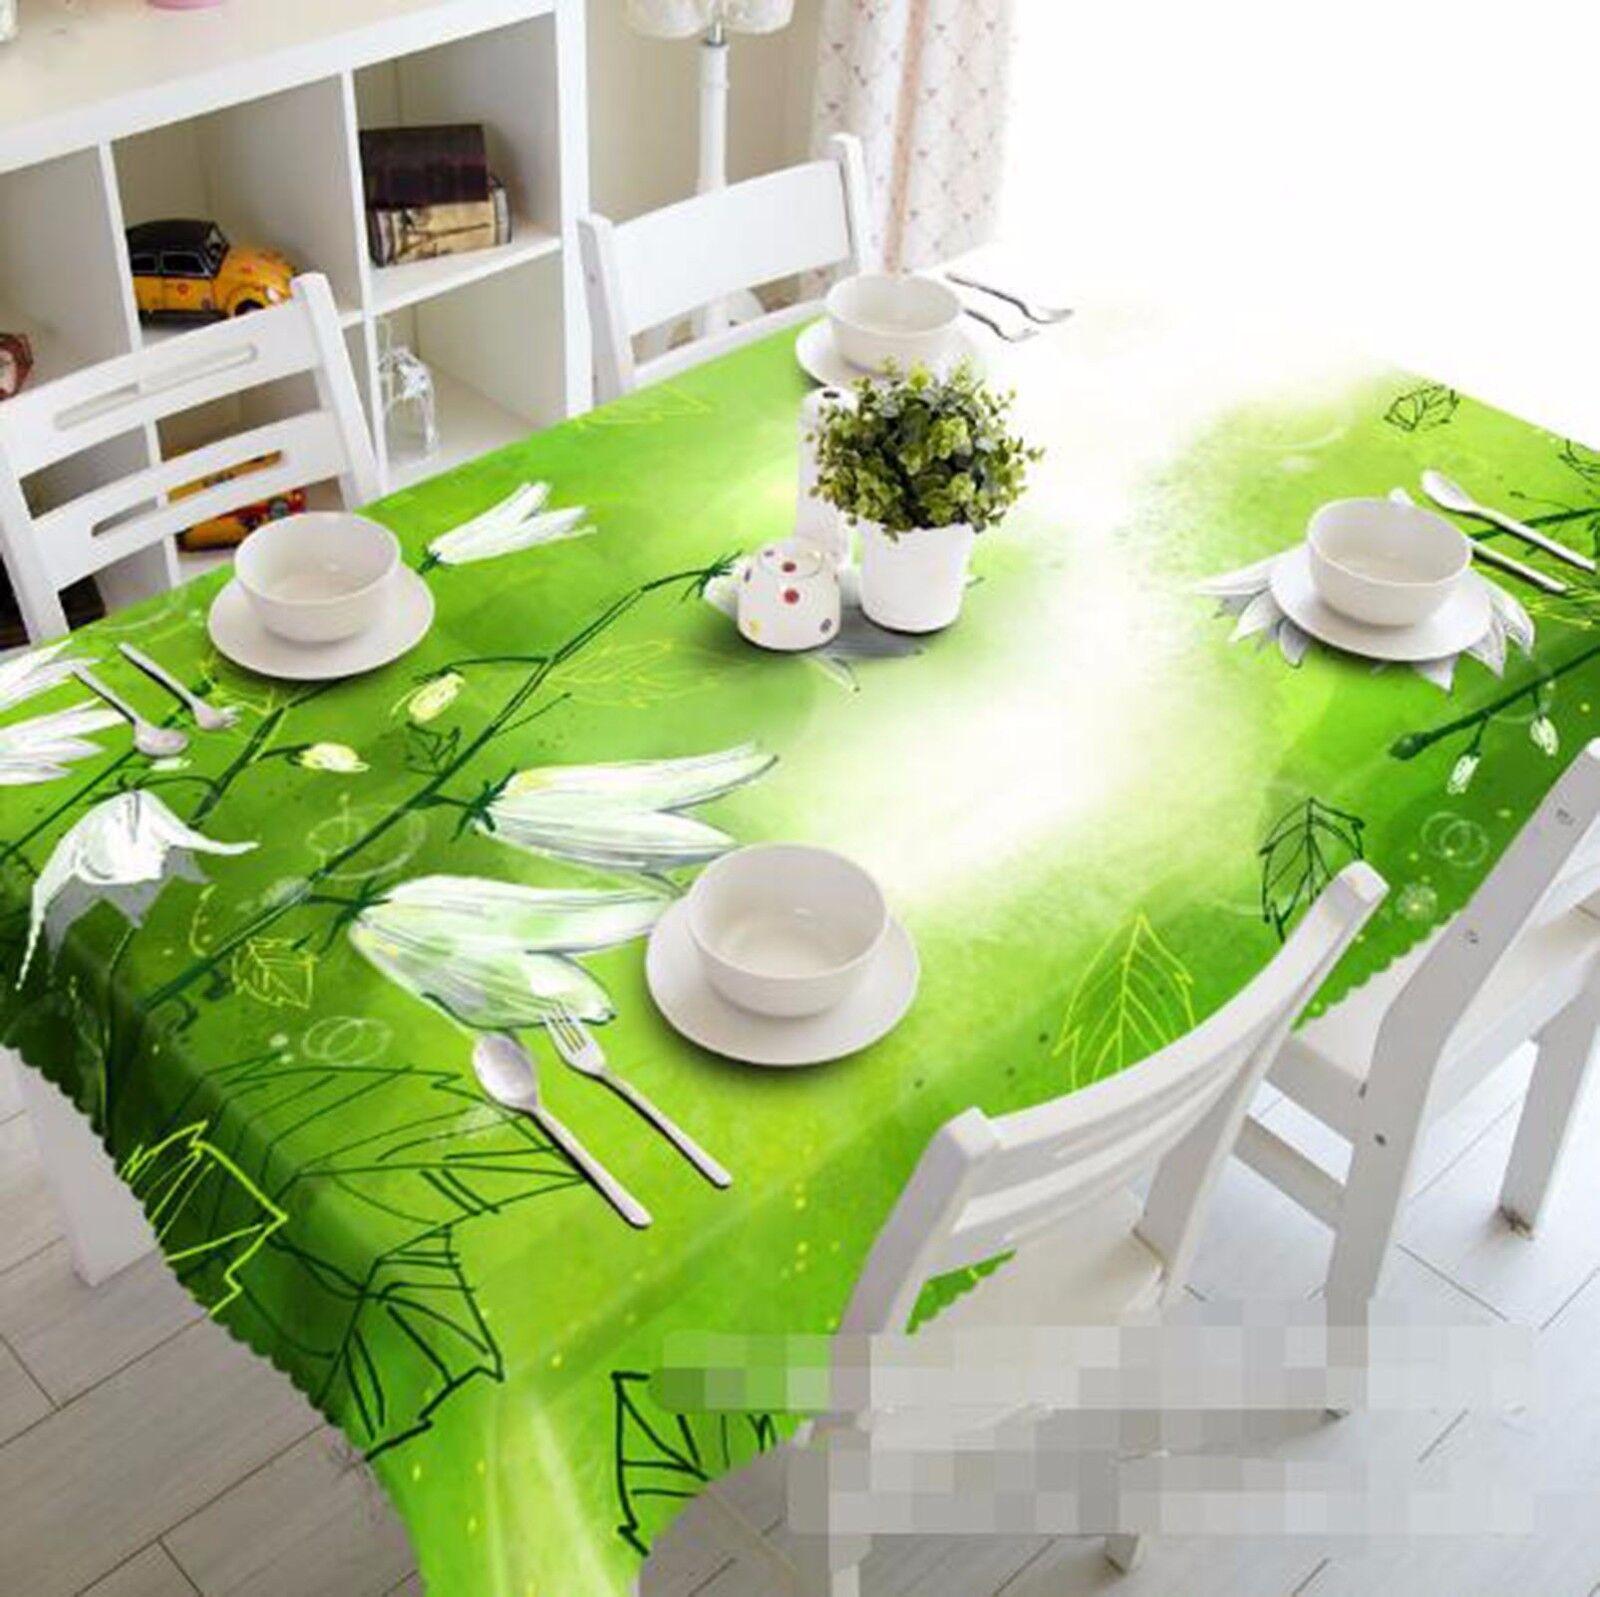 3D pétales 416 Nappe Table Cover Cloth fête d'anniversaire AJ papier peint Royaume-Uni Citron